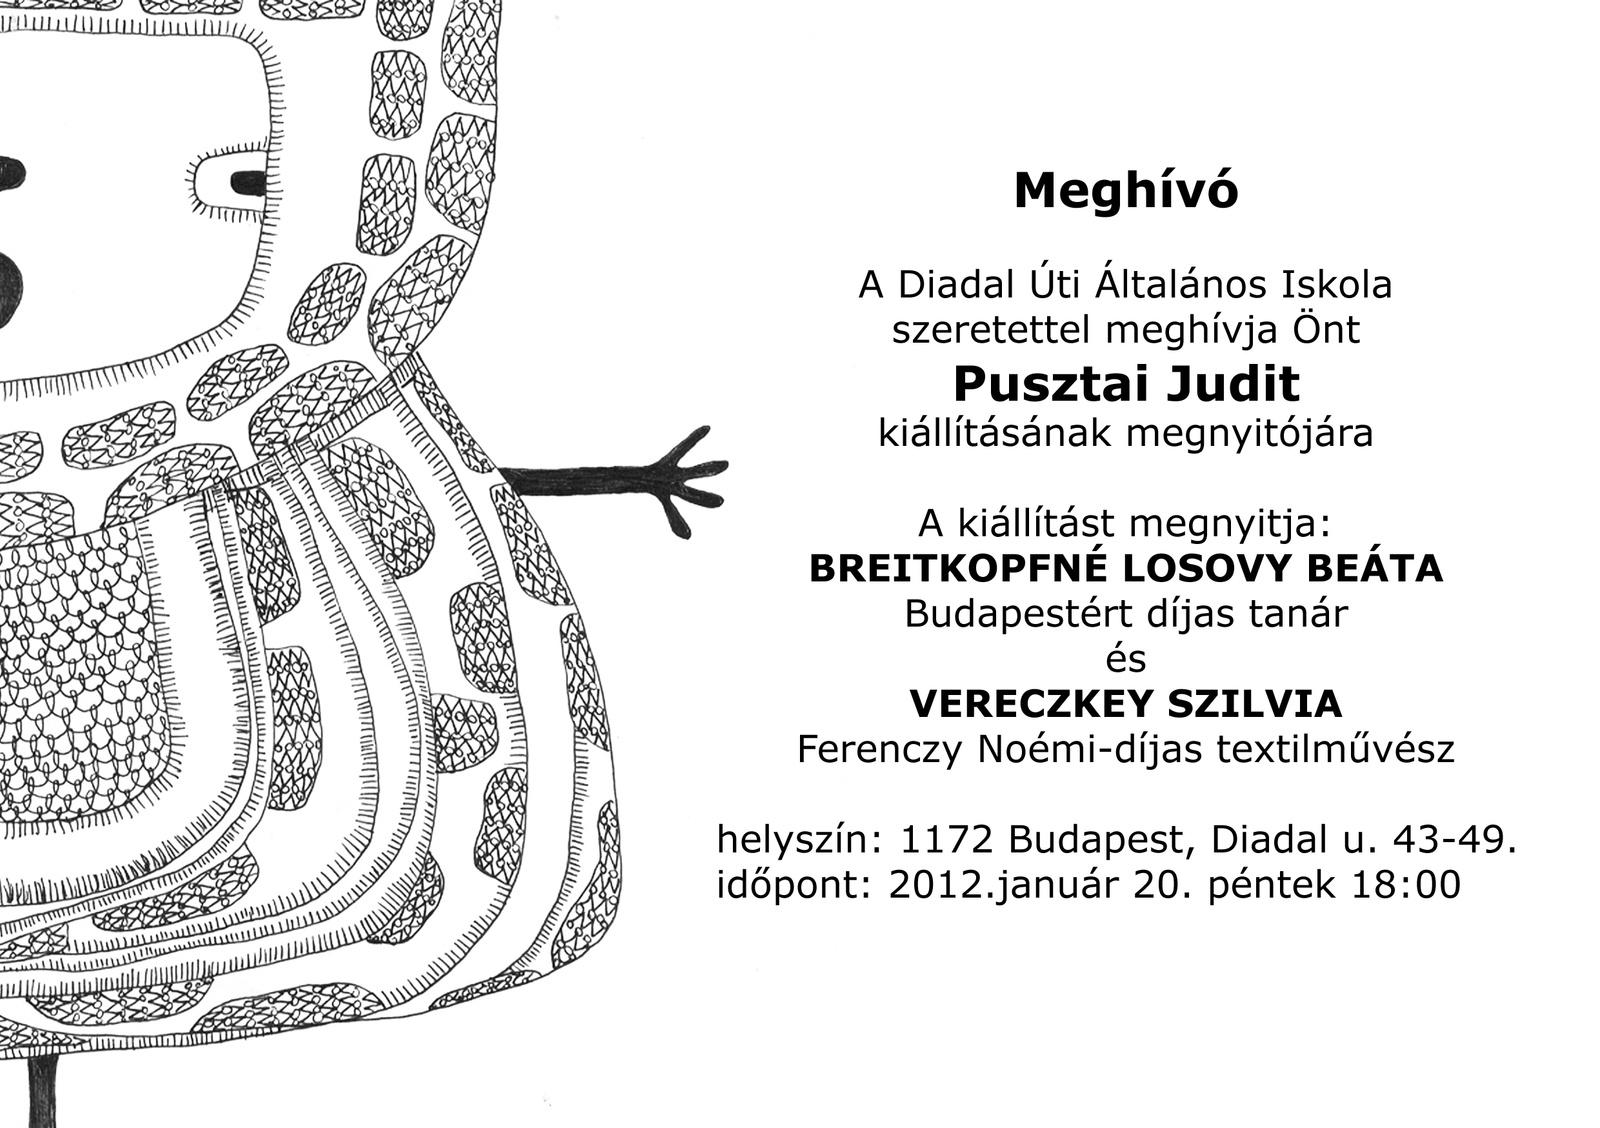 Pusztai kiállítás meghívó 2012.01.